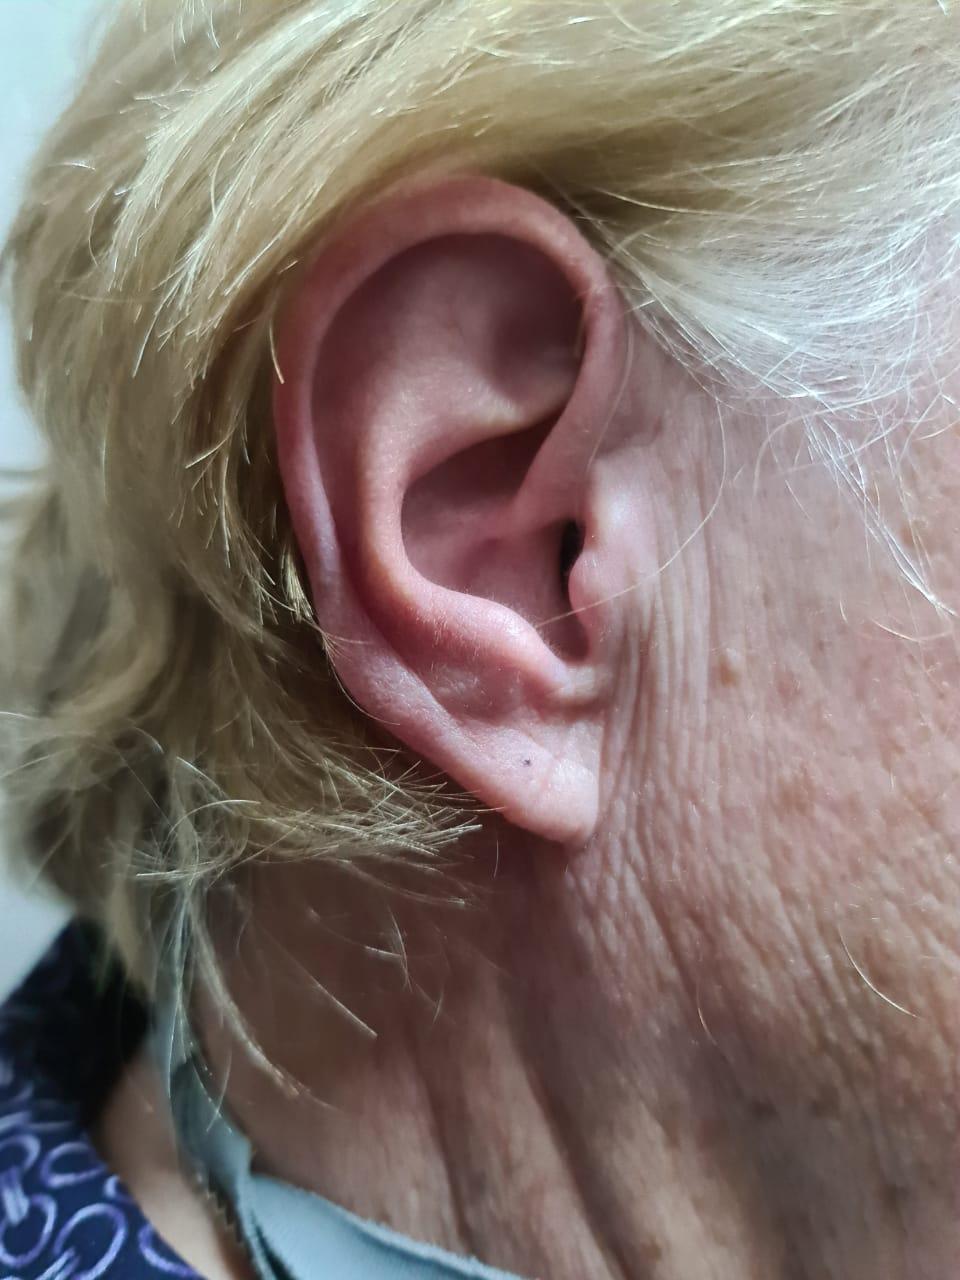 Hearing aid lady ear